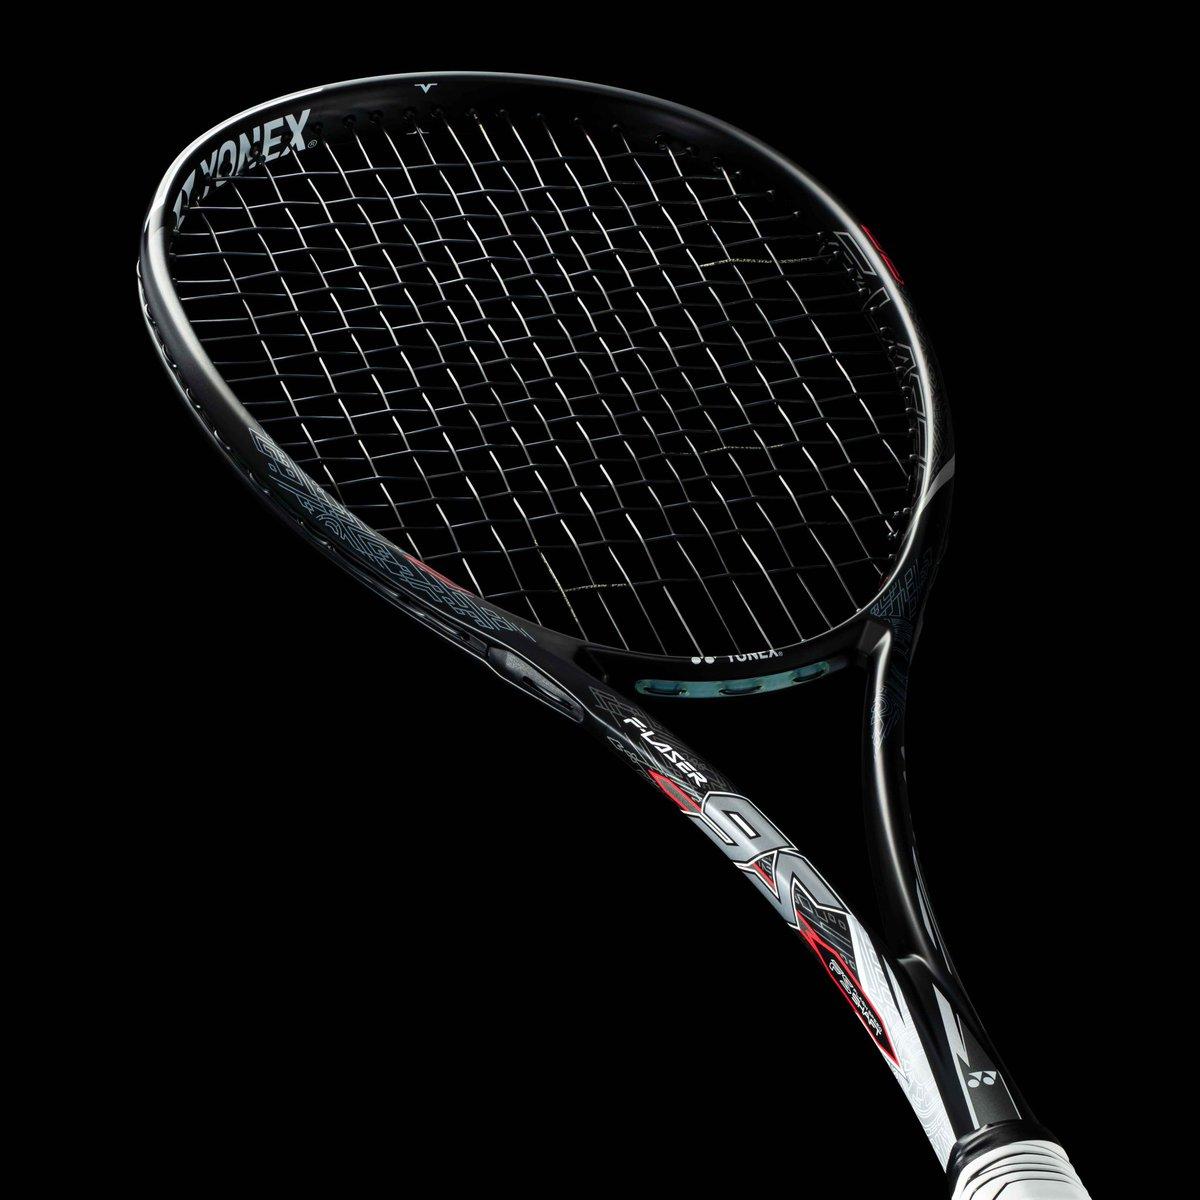 F-LASER 9S【表面】 日本、世界のトップで闘い続ける船水颯人プロの #闘いのDNA を表現し、デザイン化。ベースカラーには艶消しのブラックを採用し、最上級モデルとしての質感を高めます。  #yonex #ヨネックス #softtennis #ソフトテニス #flaser #polyactionpro #船水颯人 #共同開発 https://t.co/KkxdRCJyKx